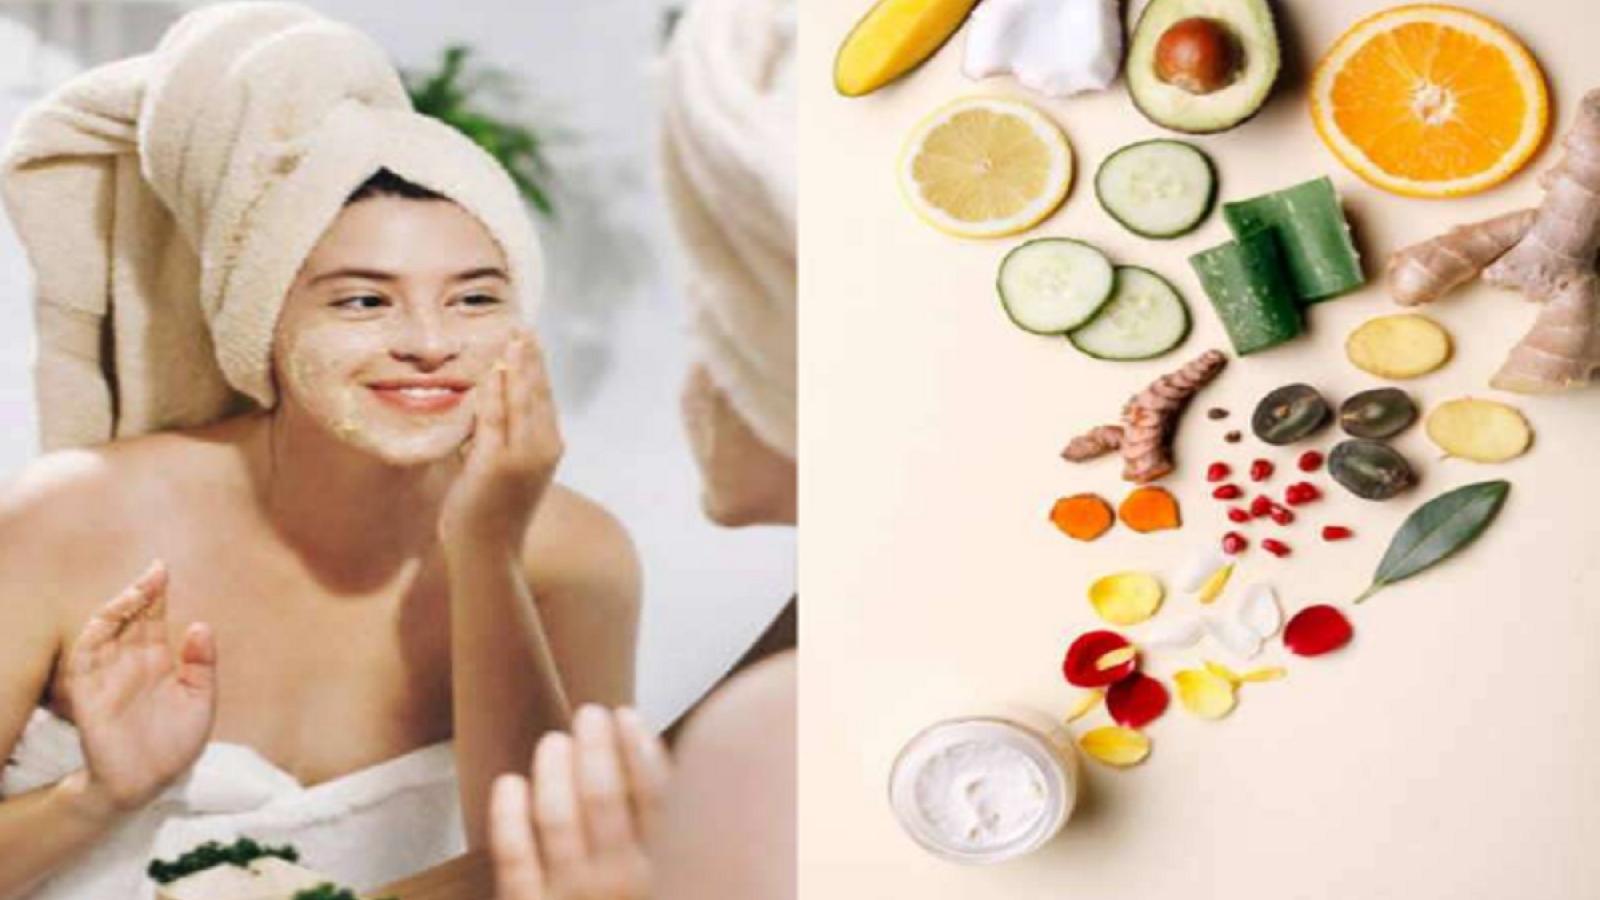 Chăm sóc da: Công thức làm mặt nạ tại nhà cho mọi làn da